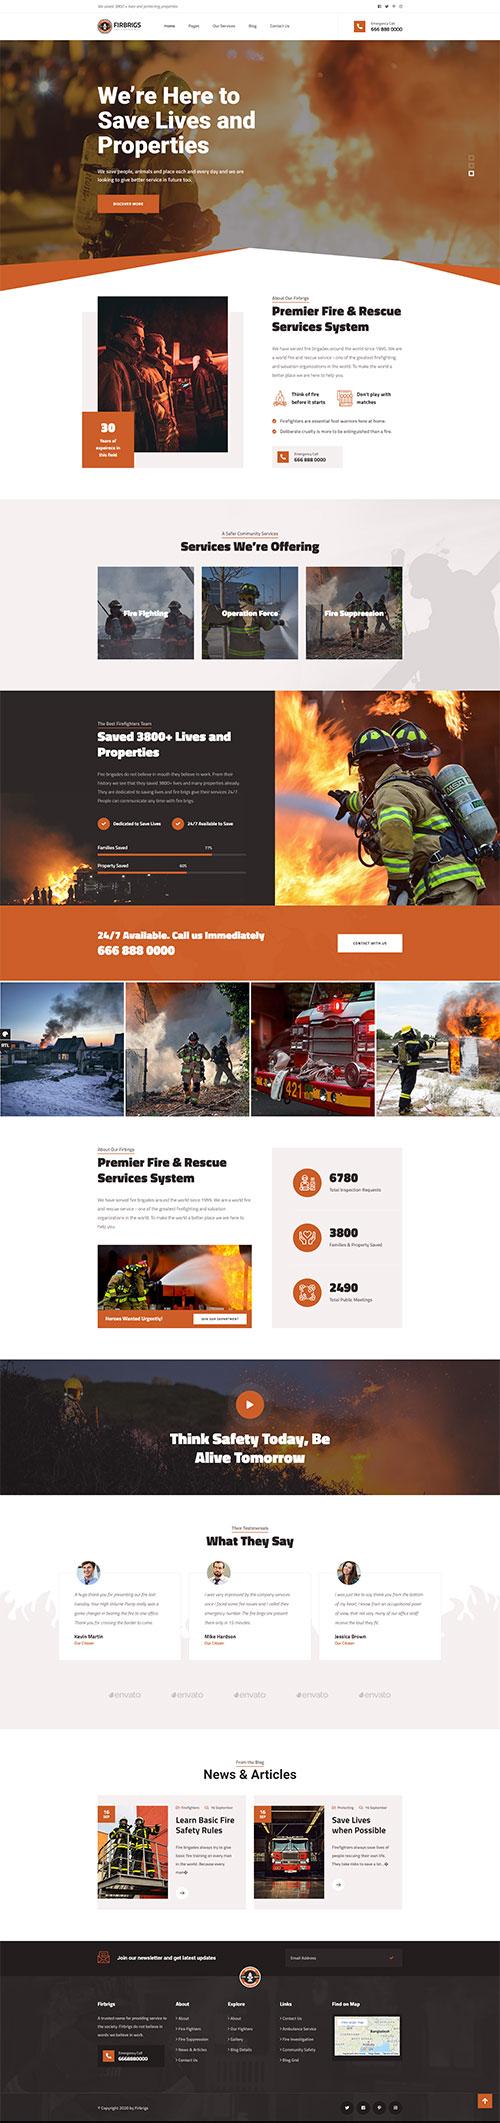 Thiết-kế-website-PCCC-chuyên-nghiệp-01